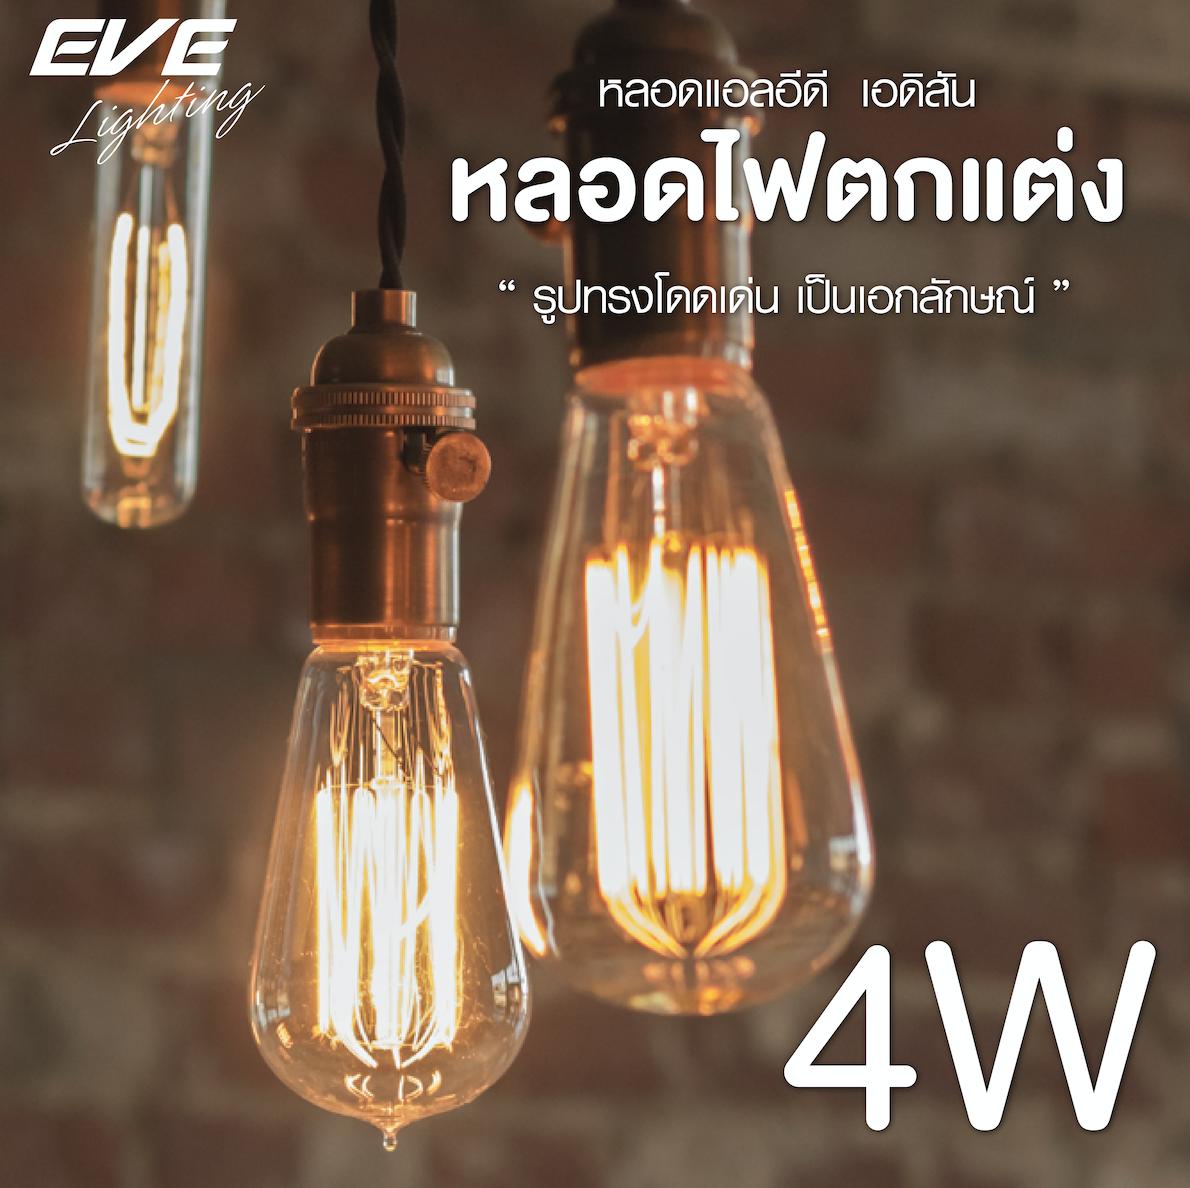 LED Filament Edison E27 หลอดแอลอีดี ฟิลาเมนต์ ทรงเอดิสัน วินเทจ ขนาด 4 วัตต์ แสงวอร์มไวท์ E27